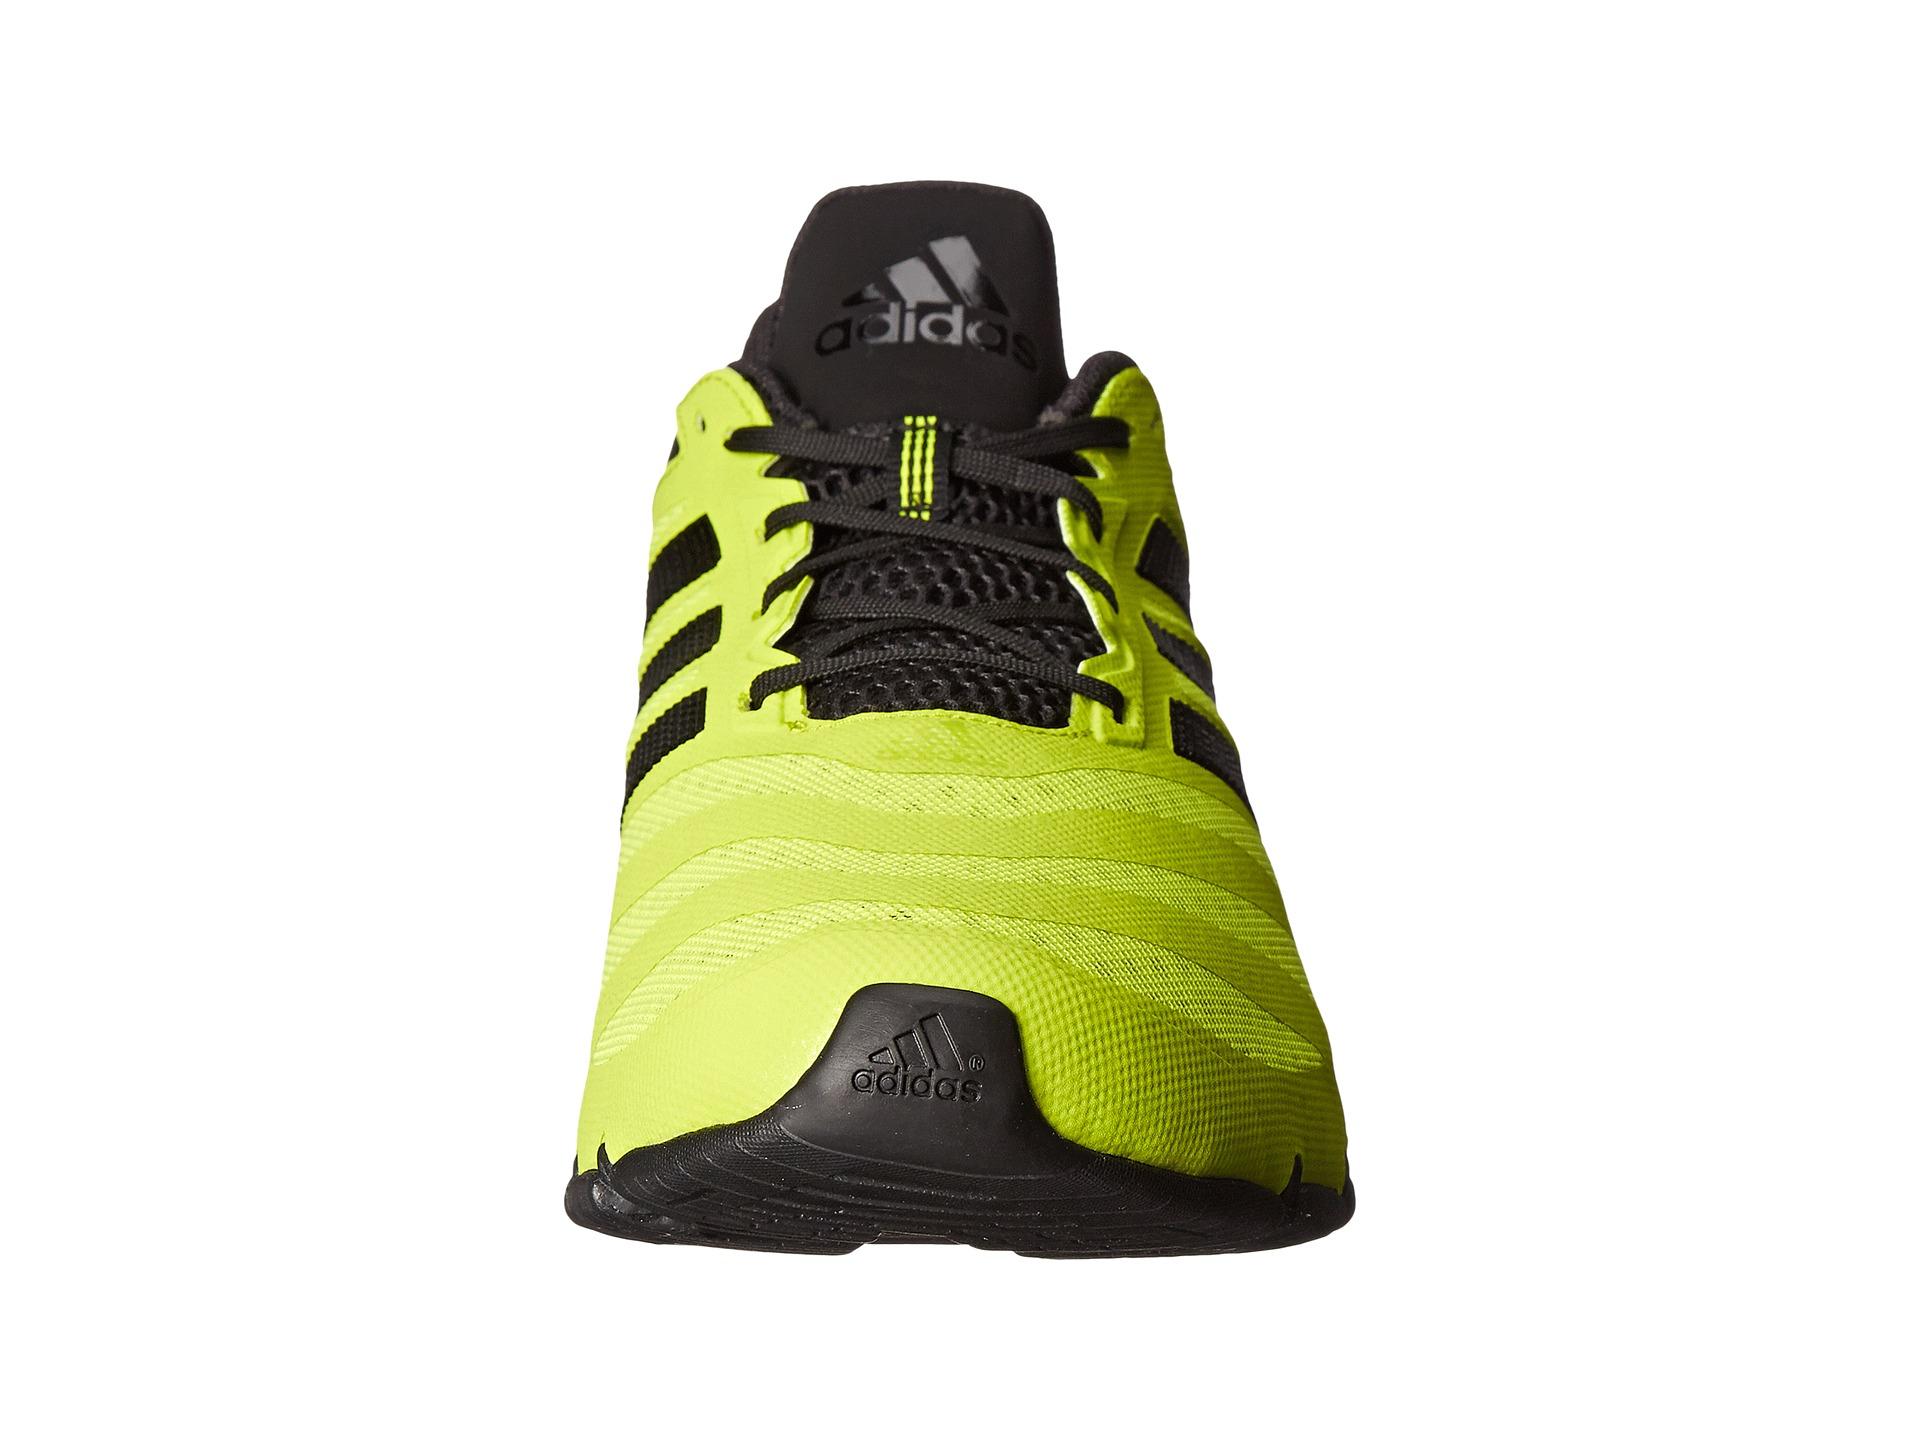 Adidas springblade solyce negro amarillo zapatos liquidación